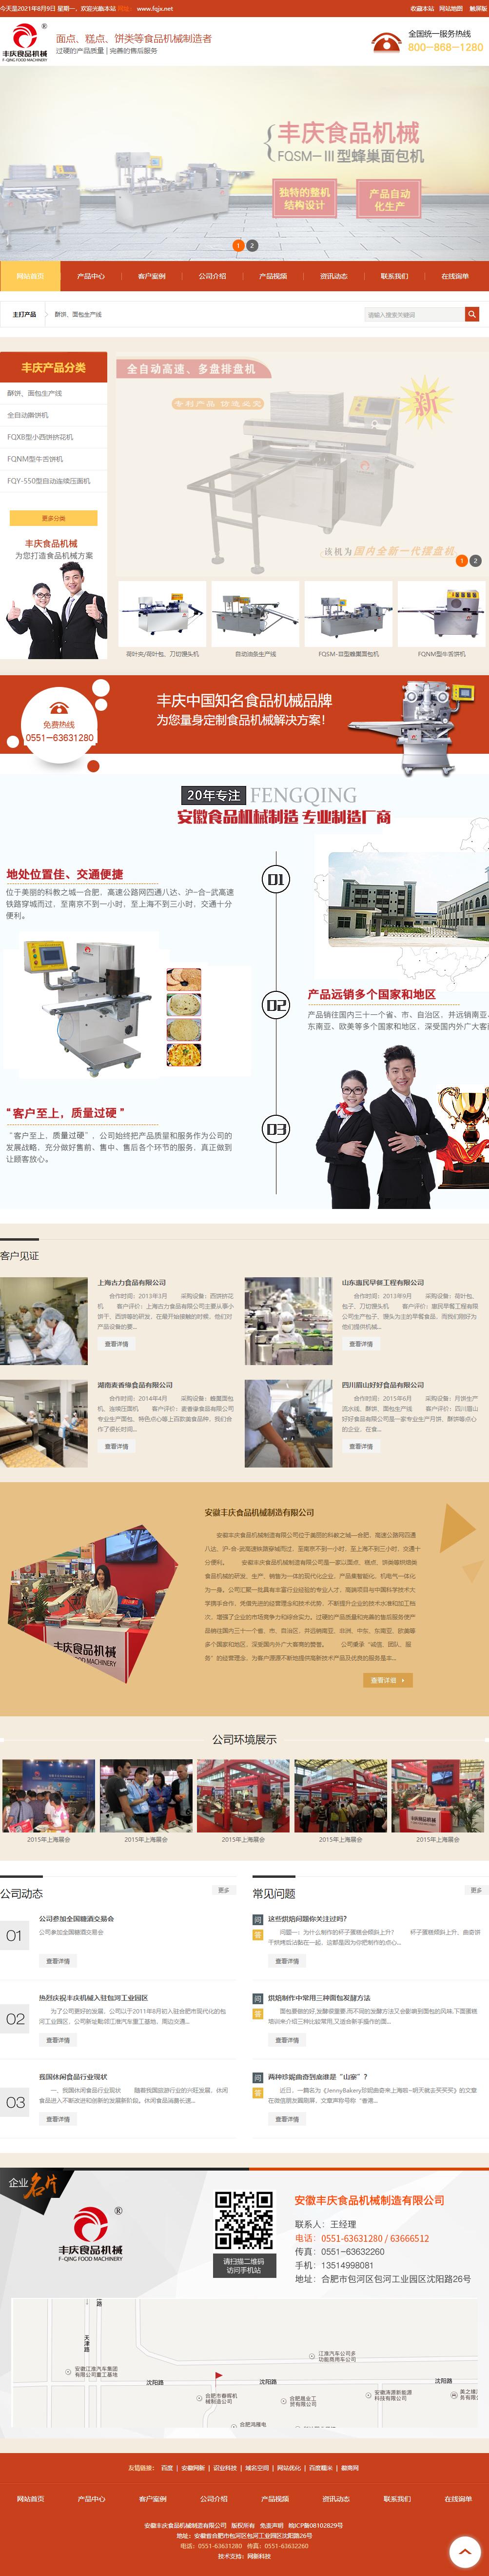 安徽丰庆食品机械制造有限公司网站案例